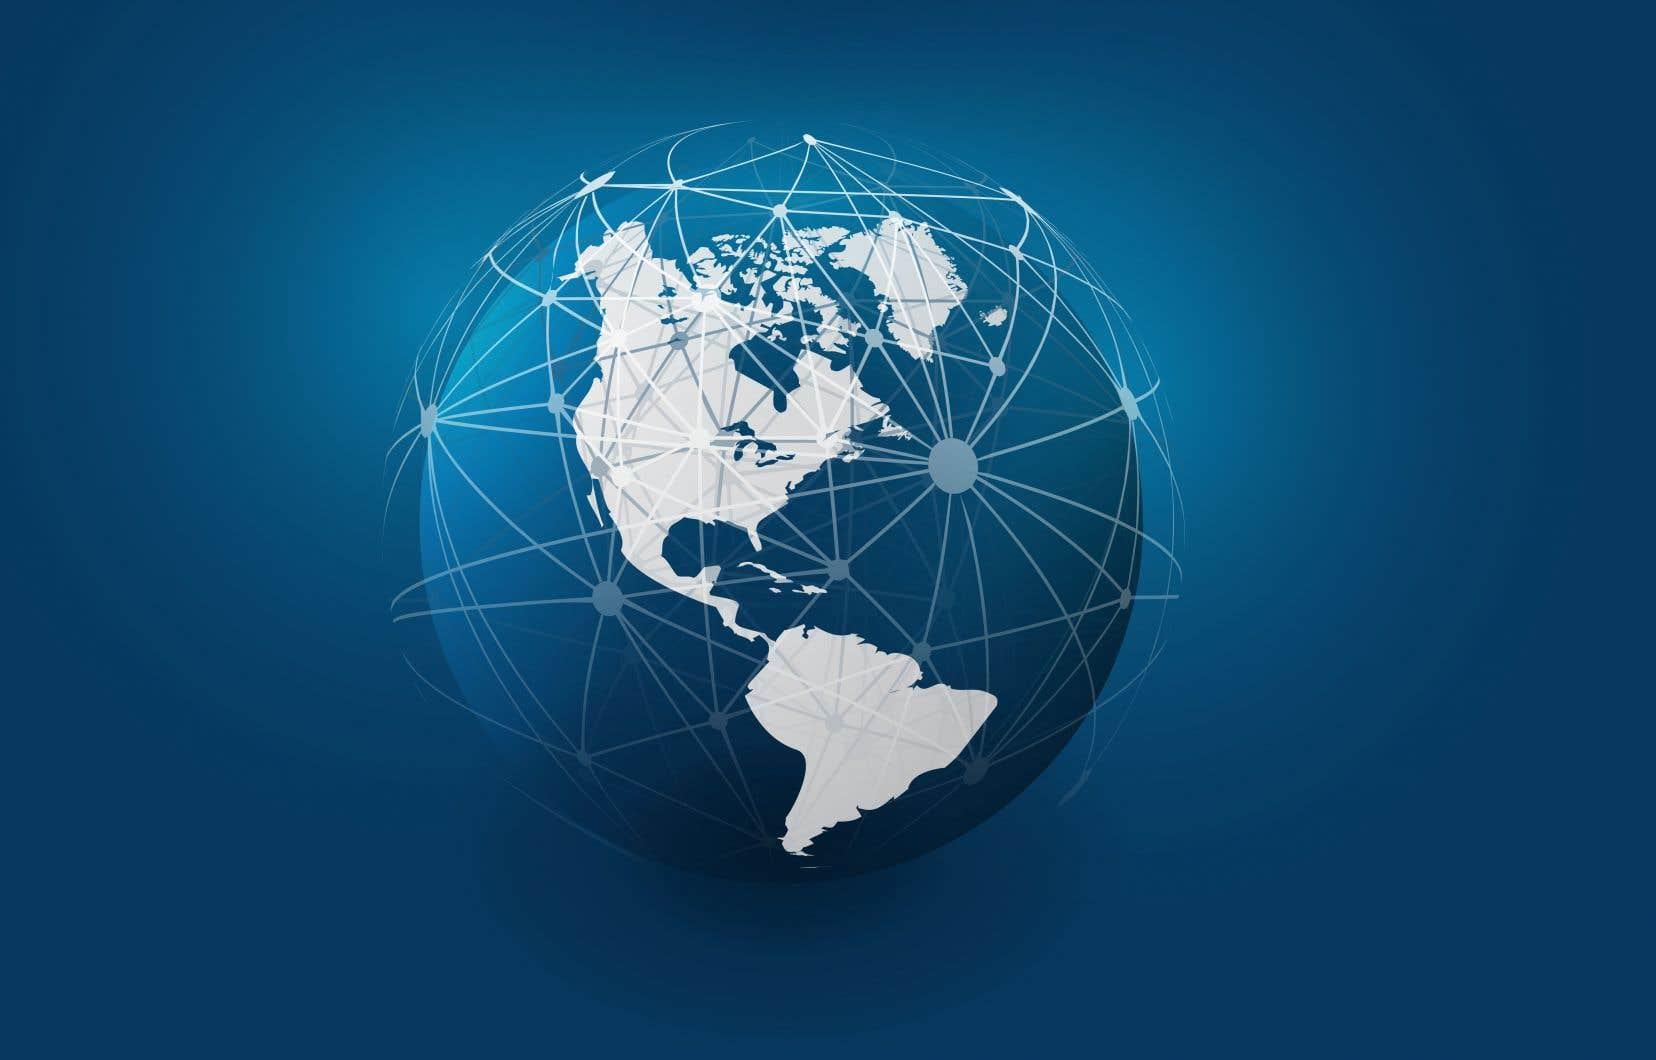 Ces partenariats s'ajoutent aux actions déjà implantées par l'agence dans le continent américain.